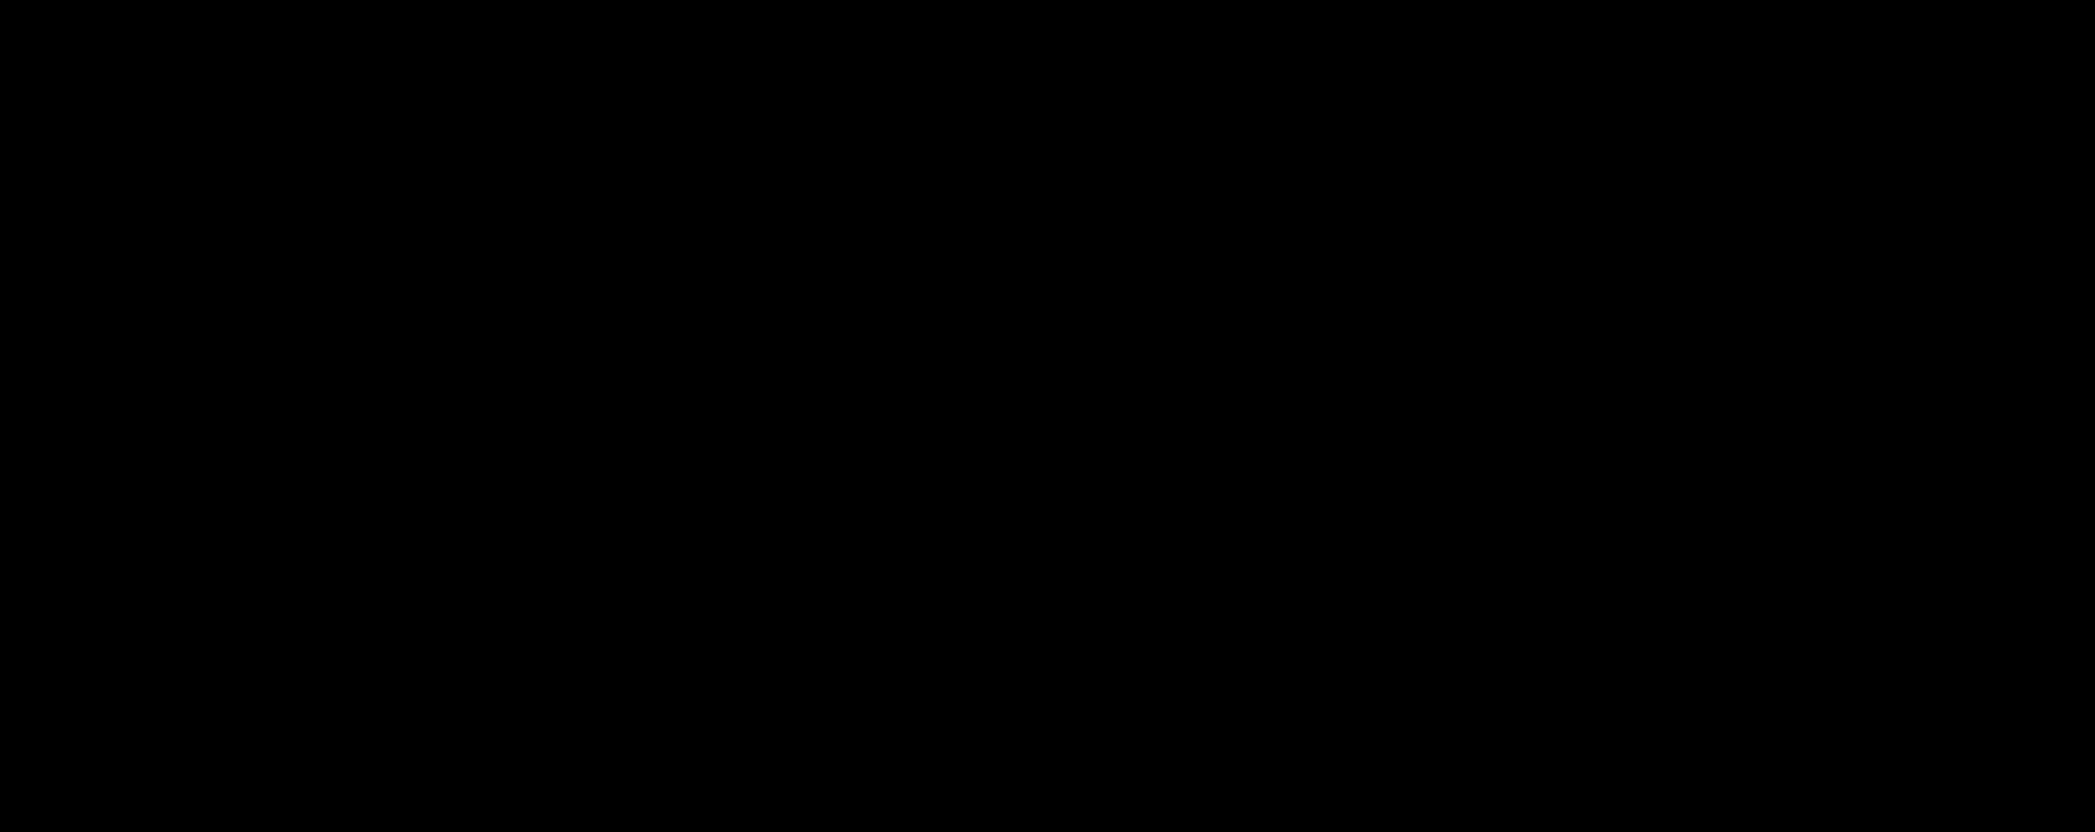 Desethane sildenafil